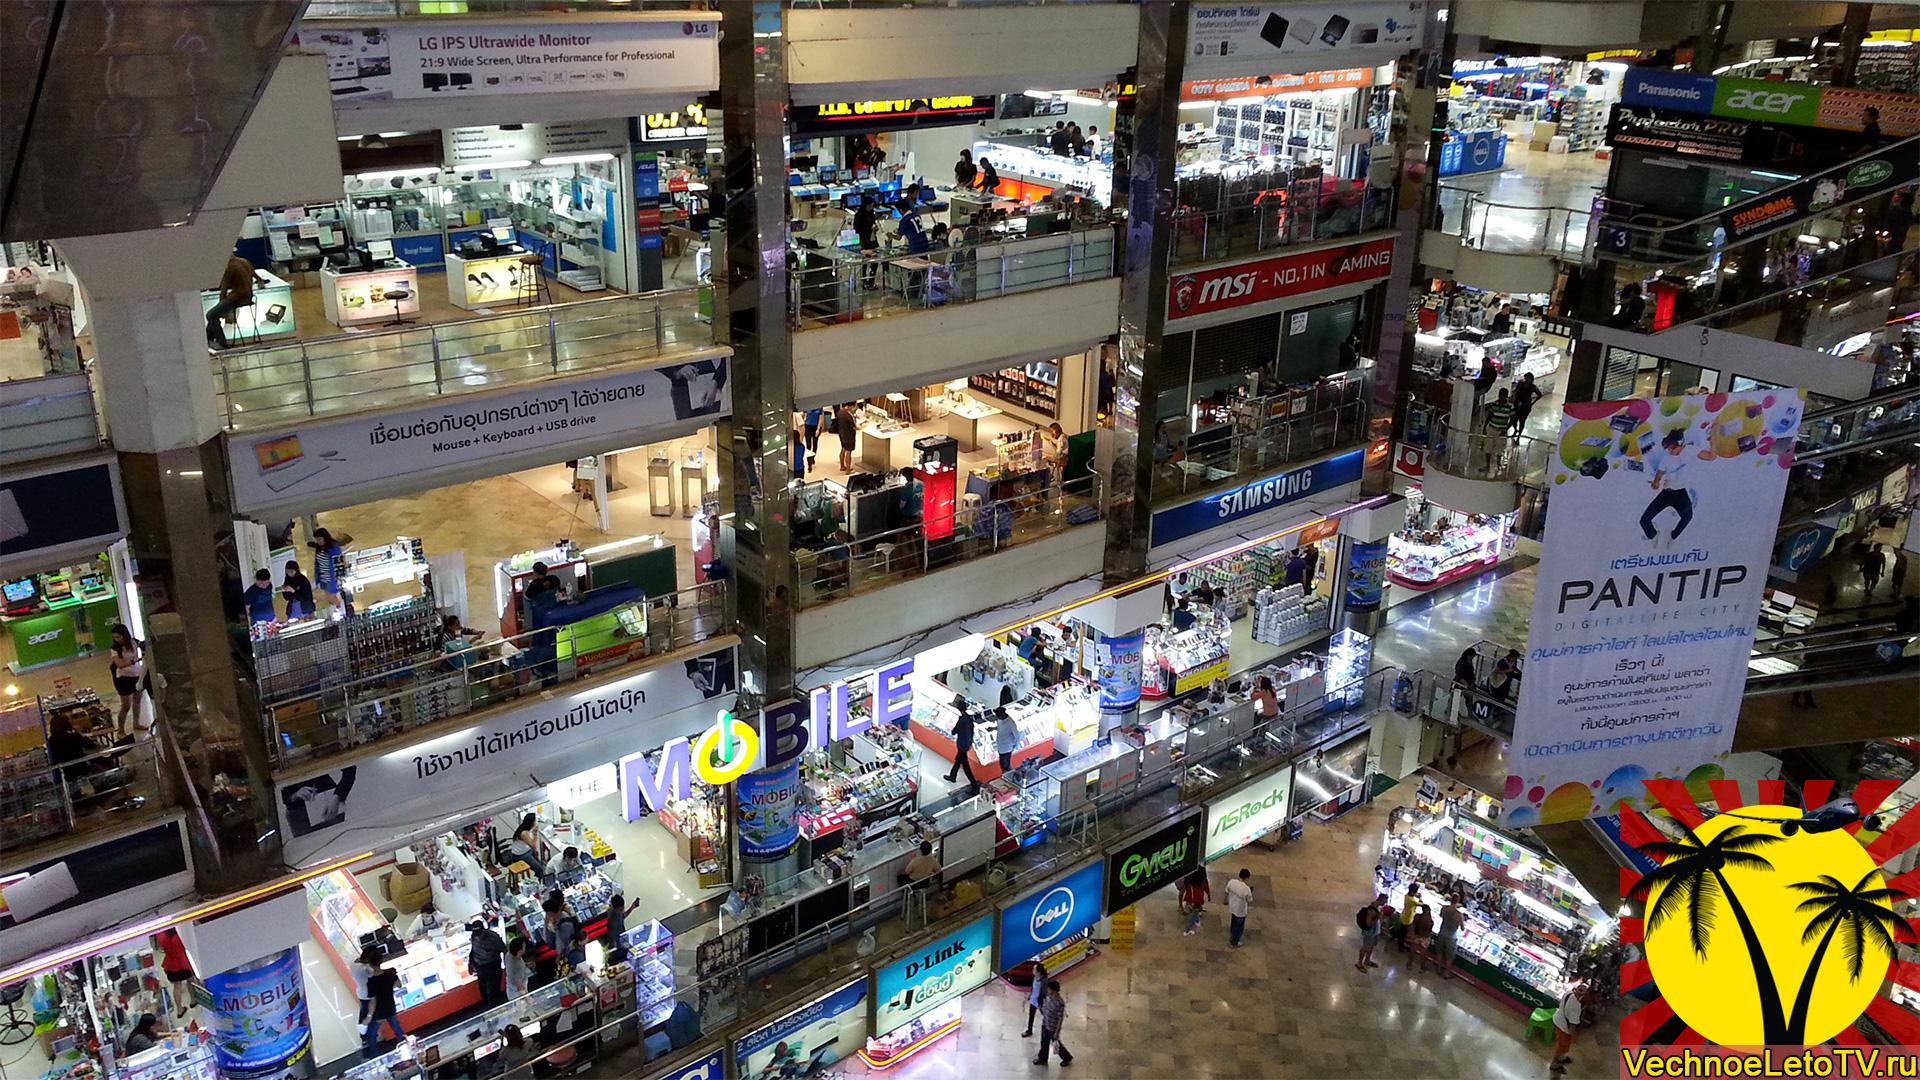 Пантин-Плаза-торговый-центр-техники